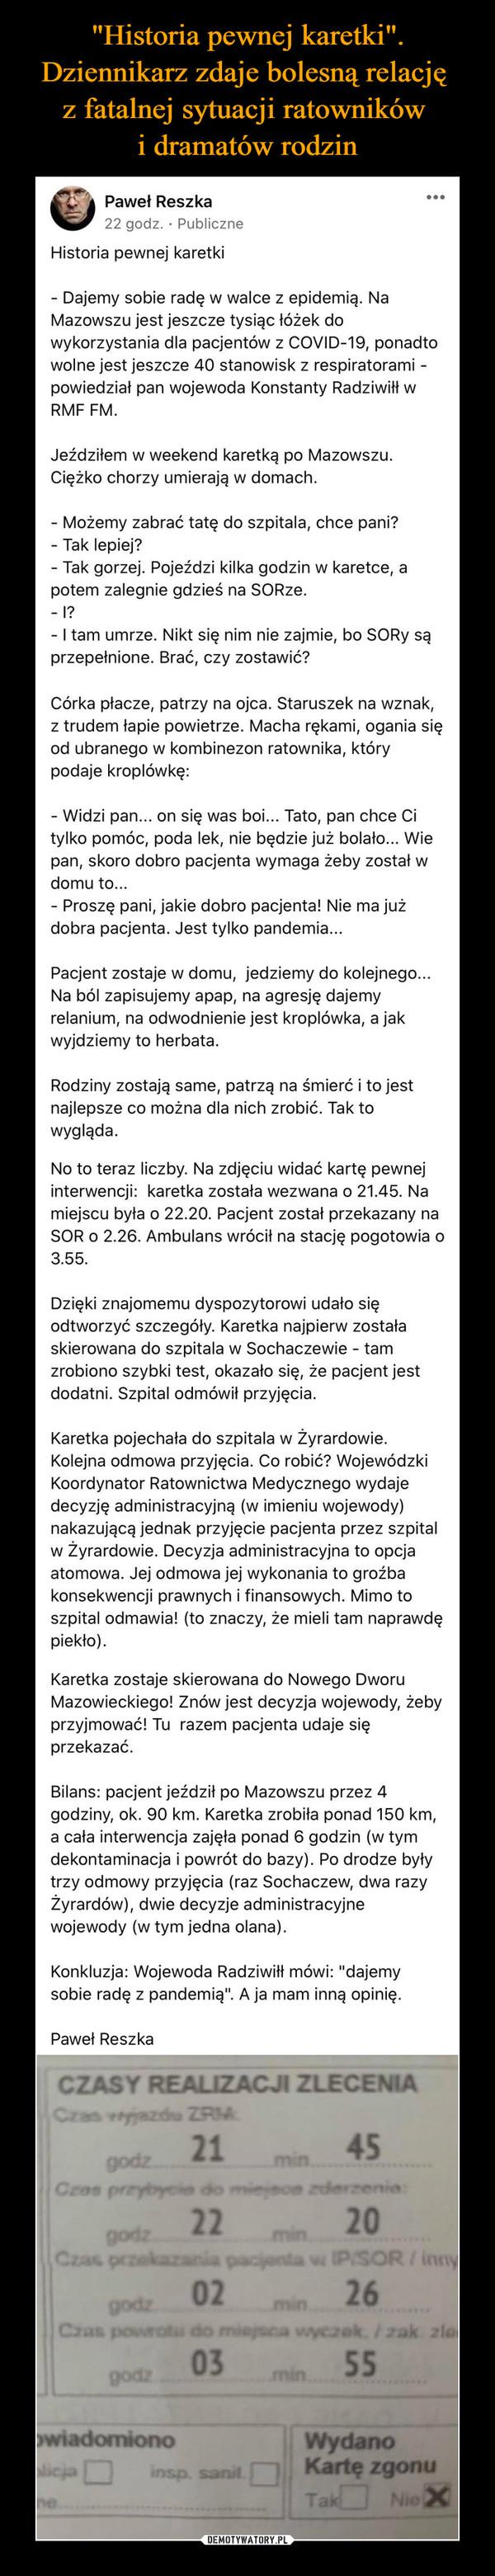 –  Paweł Reszka9 listopada o 23:58 ·Historia pewnej karetki- Dajemy sobie radę w walce z epidemią. Na Mazowszu jest jeszcze tysiąc łóżek do wykorzystania dla pacjentów z COVID-19, ponadto wolne jest jeszcze 40 stanowisk z respiratorami - powiedział pan wojewoda Konstanty Radziwiłł w RMF FM.Jeździłem w weekend karetką po Mazowszu. Ciężko chorzy umierają w domach.- Możemy zabrać tatę do szpitala, chce pani?- Tak lepiej?- Tak gorzej. Pojeździ kilka godzin w karetce, a potem zalegnie gdzieś na SORze.- I?- I tam umrze. Nikt się nim nie zajmie, bo SORy są przepełnione. Brać, czy zostawić?Córka płacze, patrzy na ojca. Staruszek na wznak, z trudem łapie powietrze. Macha rękami, ogania się od ubranego w kombinezon ratownika, który podaje kroplówkę:- Widzi pan... on się was boi... Tato, pan chce Ci tylko pomóc, poda lek, nie będzie już bolało... Wie pan, skoro dobro pacjenta wymaga żeby został w domu to...- Proszę pani, jakie dobro pacjenta! Nie ma już dobra pacjenta. Jest tylko pandemia...Pacjent zostaje w domu, jedziemy do kolejnego... Na ból zapisujemy apap, na agresję dajemy relanium, na odwodnienie jest kroplówka, a jak wyjdziemy to herbata.Rodziny zostają same, patrzą na śmierć i to jest najlepsze co można dla nich zrobić. Tak to wygląda.No to teraz liczby. Na zdjęciu widać kartę pewnej interwencji: karetka została wezwana o 21.45. Na miejscu była o 22.20. Pacjent został przekazany na SOR o 2.26. Ambulans wrócił na stację pogotowia o 3.55.Dzięki znajomemu dyspozytorowi udało się odtworzyć szczegóły. Karetka najpierw została skierowana do szpitala w Sochaczewie - tam zrobiono szybki test, okazało się, że pacjent jest dodatni. Szpital odmówił przyjęcia.Karetka pojechała do szpitala w Żyrardowie. Kolejna odmowa przyjęcia. Co robić? Wojewódzki Koordynator Ratownictwa Medycznego wydaje decyzję administracyjną (w imieniu wojewody) nakazującą jednak przyjęcie pacjenta przez szpital w Żyrardowie. Decyzja administracyjna to opcja atomowa. Jej odmowa jej wykonania to groźba konse